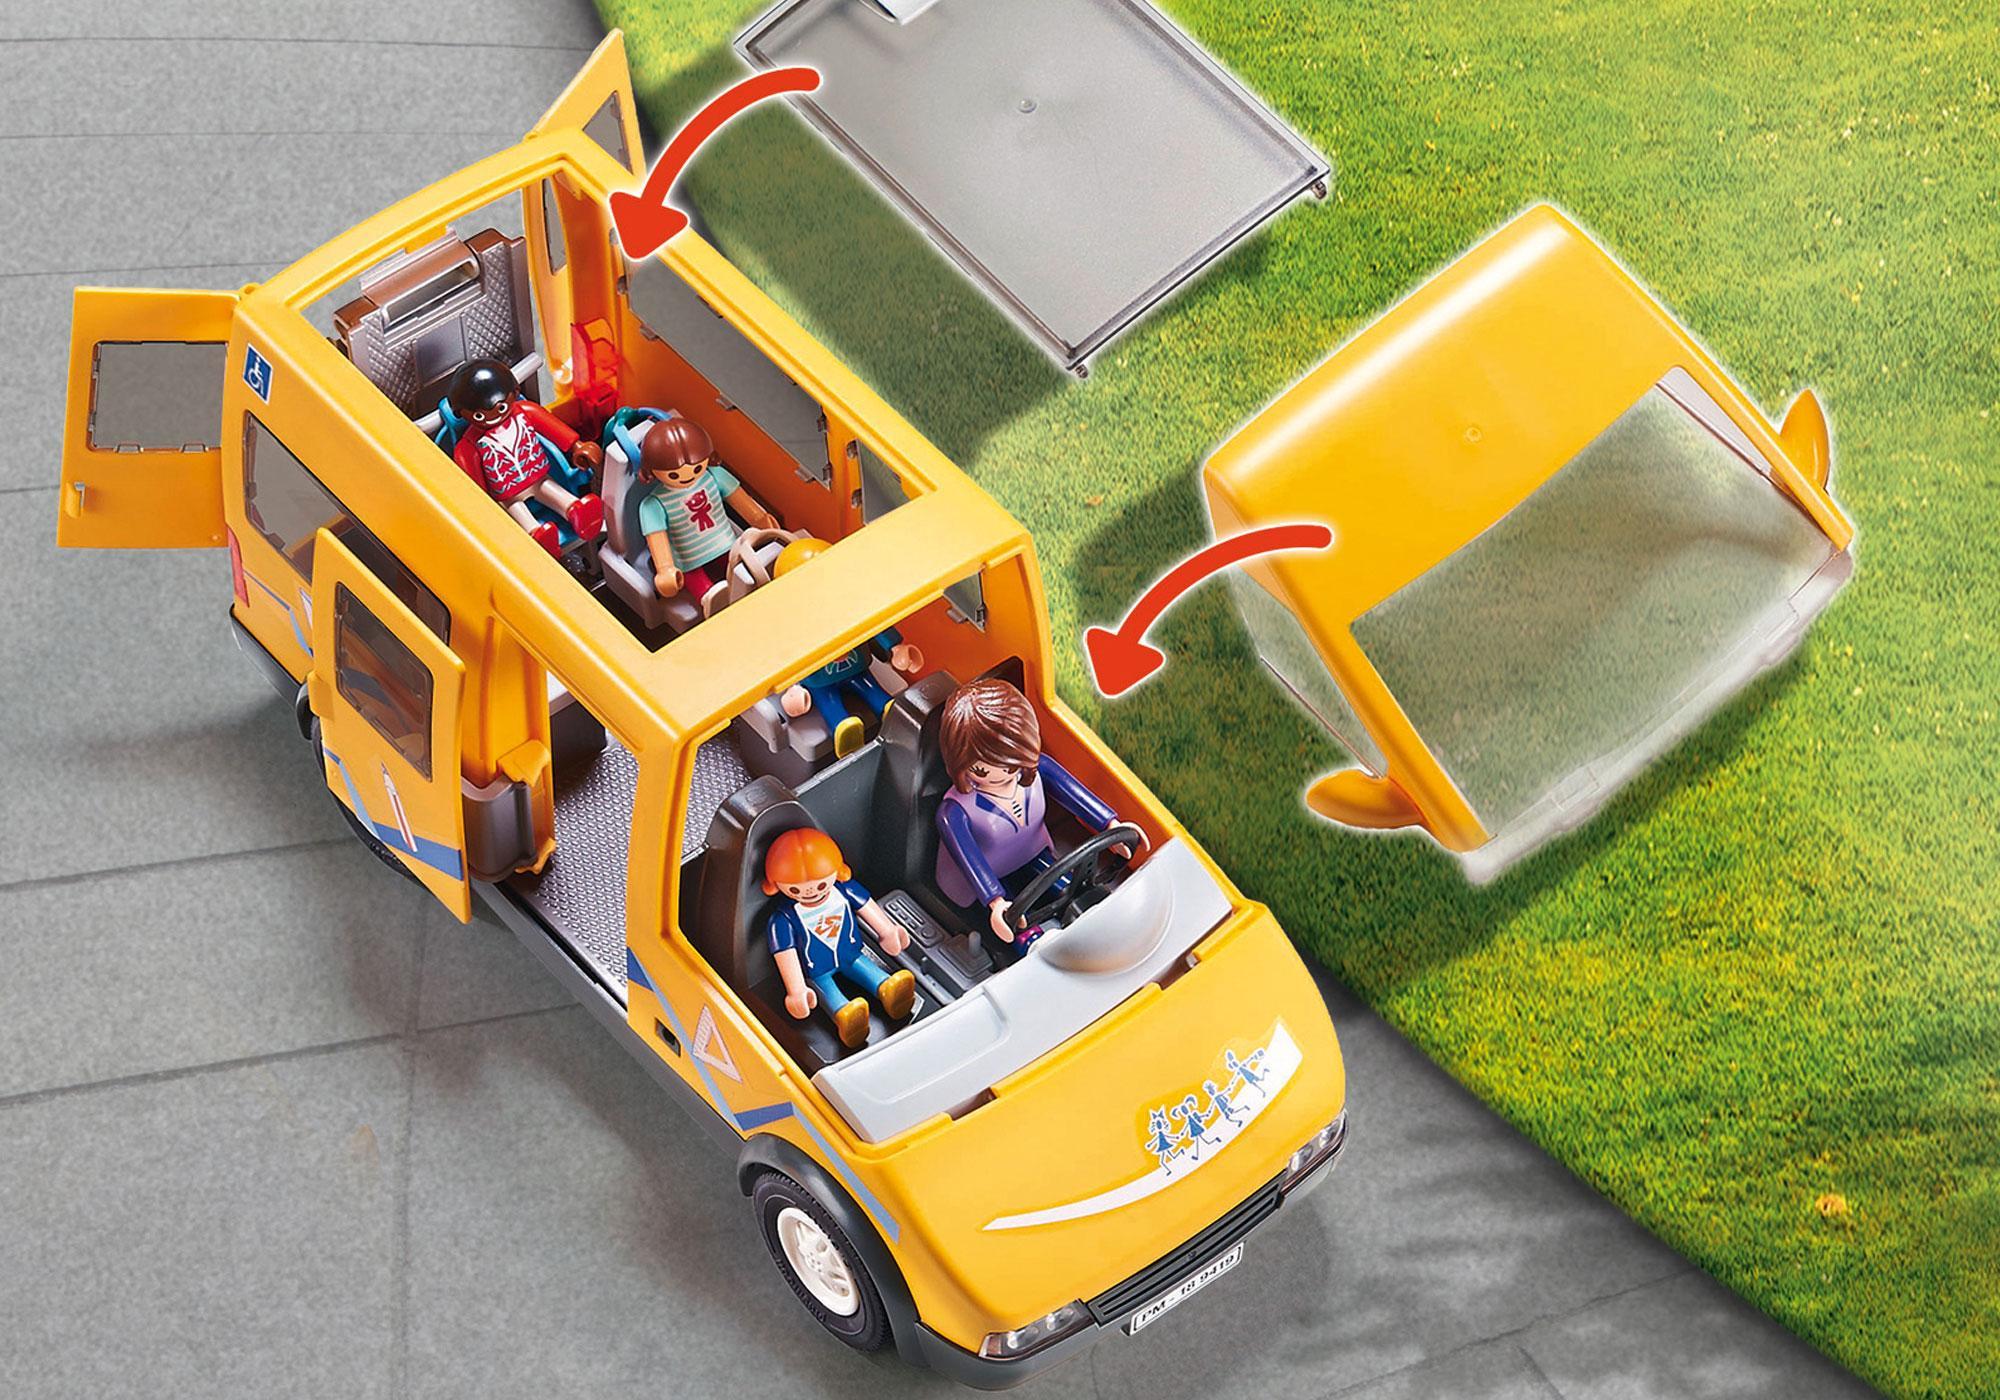 http://media.playmobil.com/i/playmobil/9419_product_extra1/Transporte Escolar